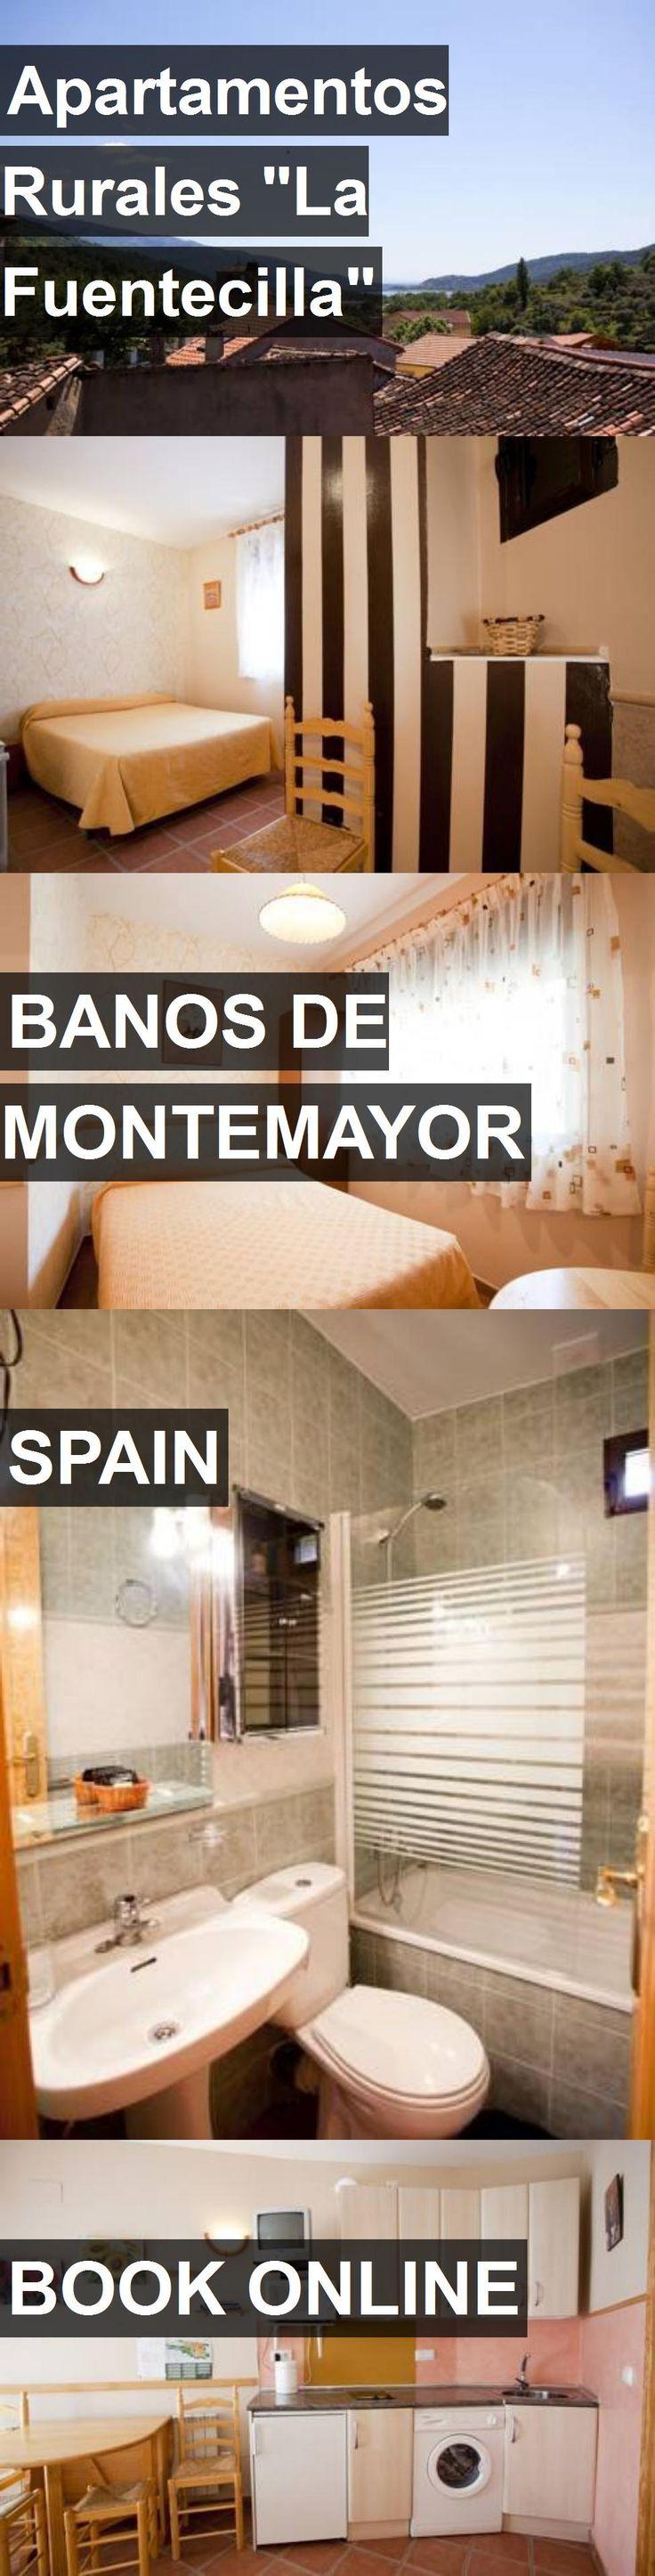 """Hotel Apartamentos Rurales """"La Fuentecilla"""" in Banos de Montemayor, Spain. For more information, photos, reviews and best prices please follow the link. #Spain #BanosdeMontemayor #travel #vacation #hotel"""